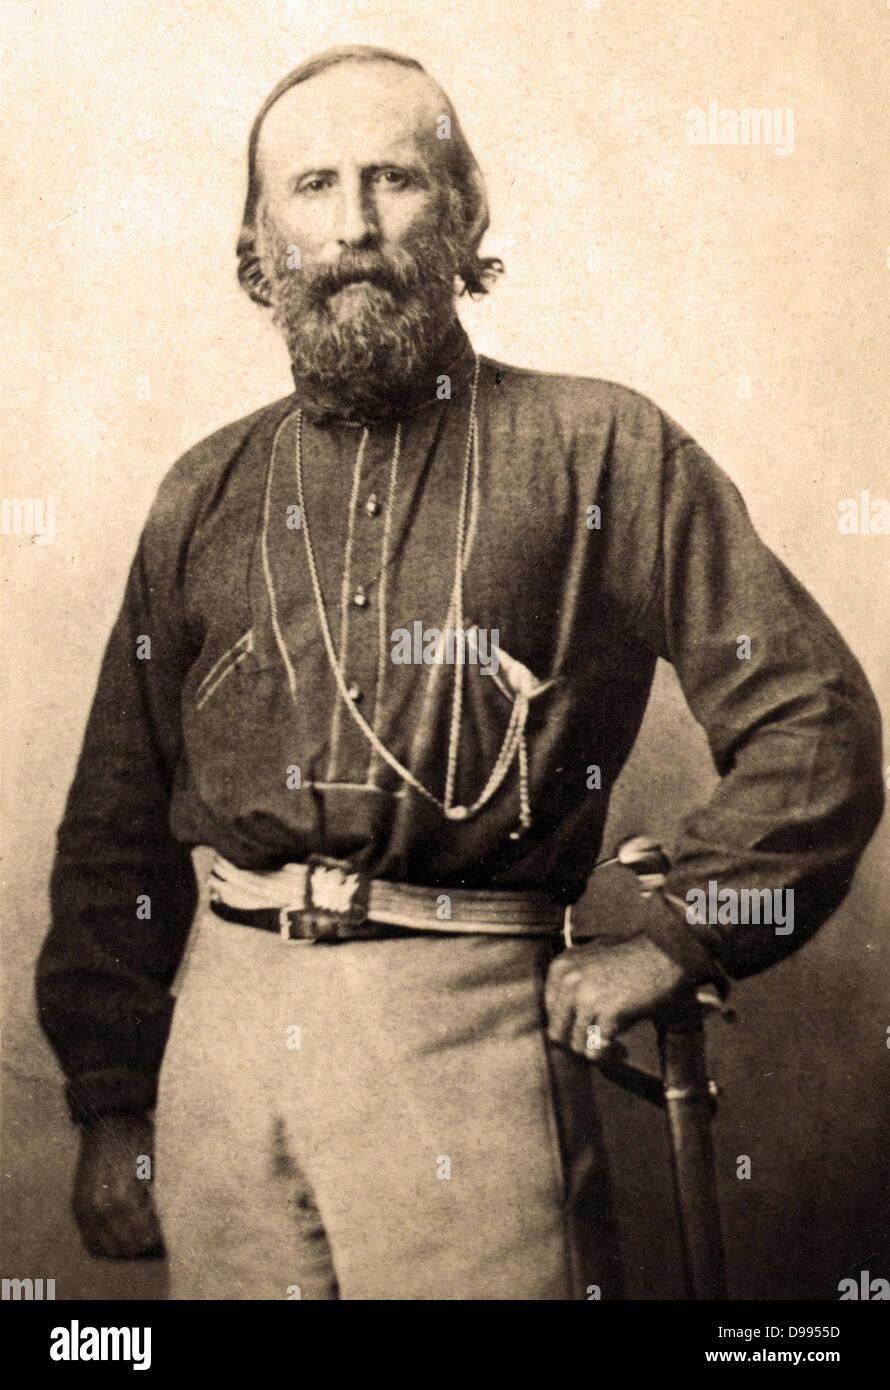 Giuseppe Garibaldi (1807-1882)à Naples, Italie, 1861. Soldat italien, homme politique et nationaliste. Portrait Photo Stock